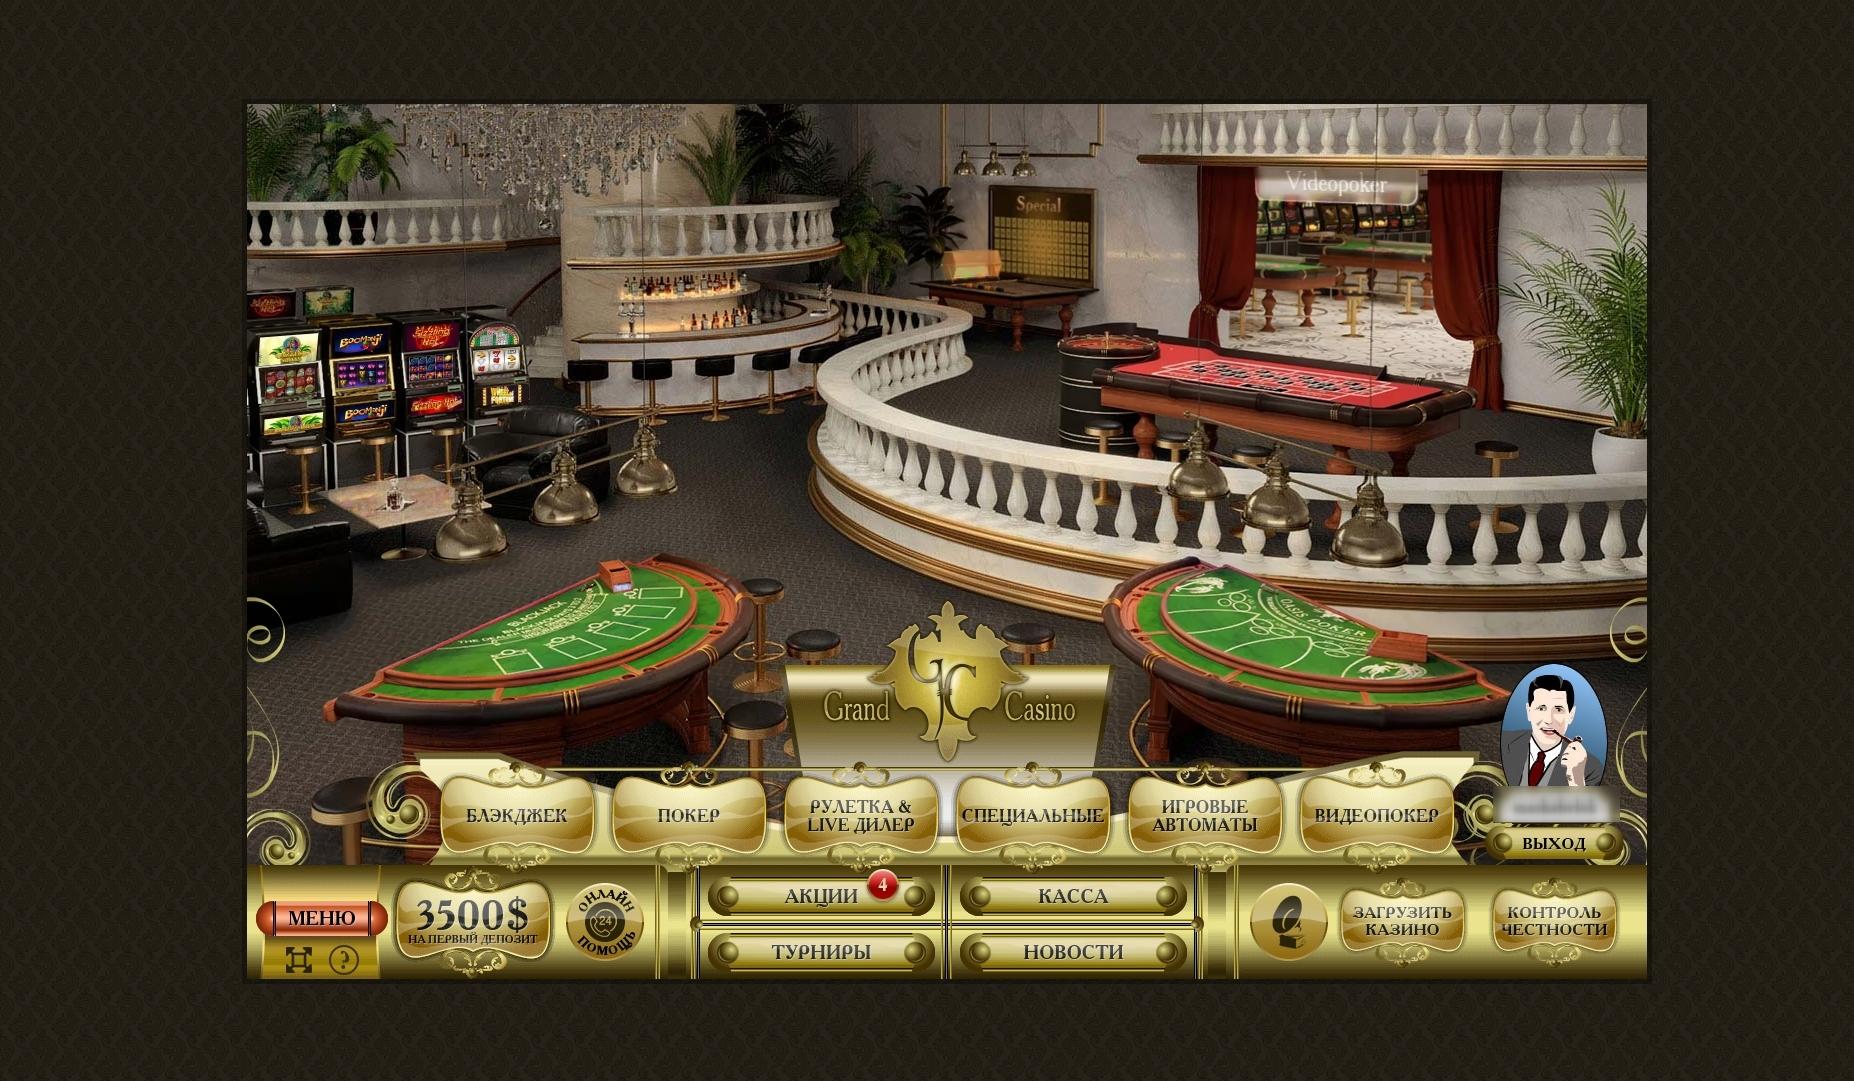 гранд казино вывод денег